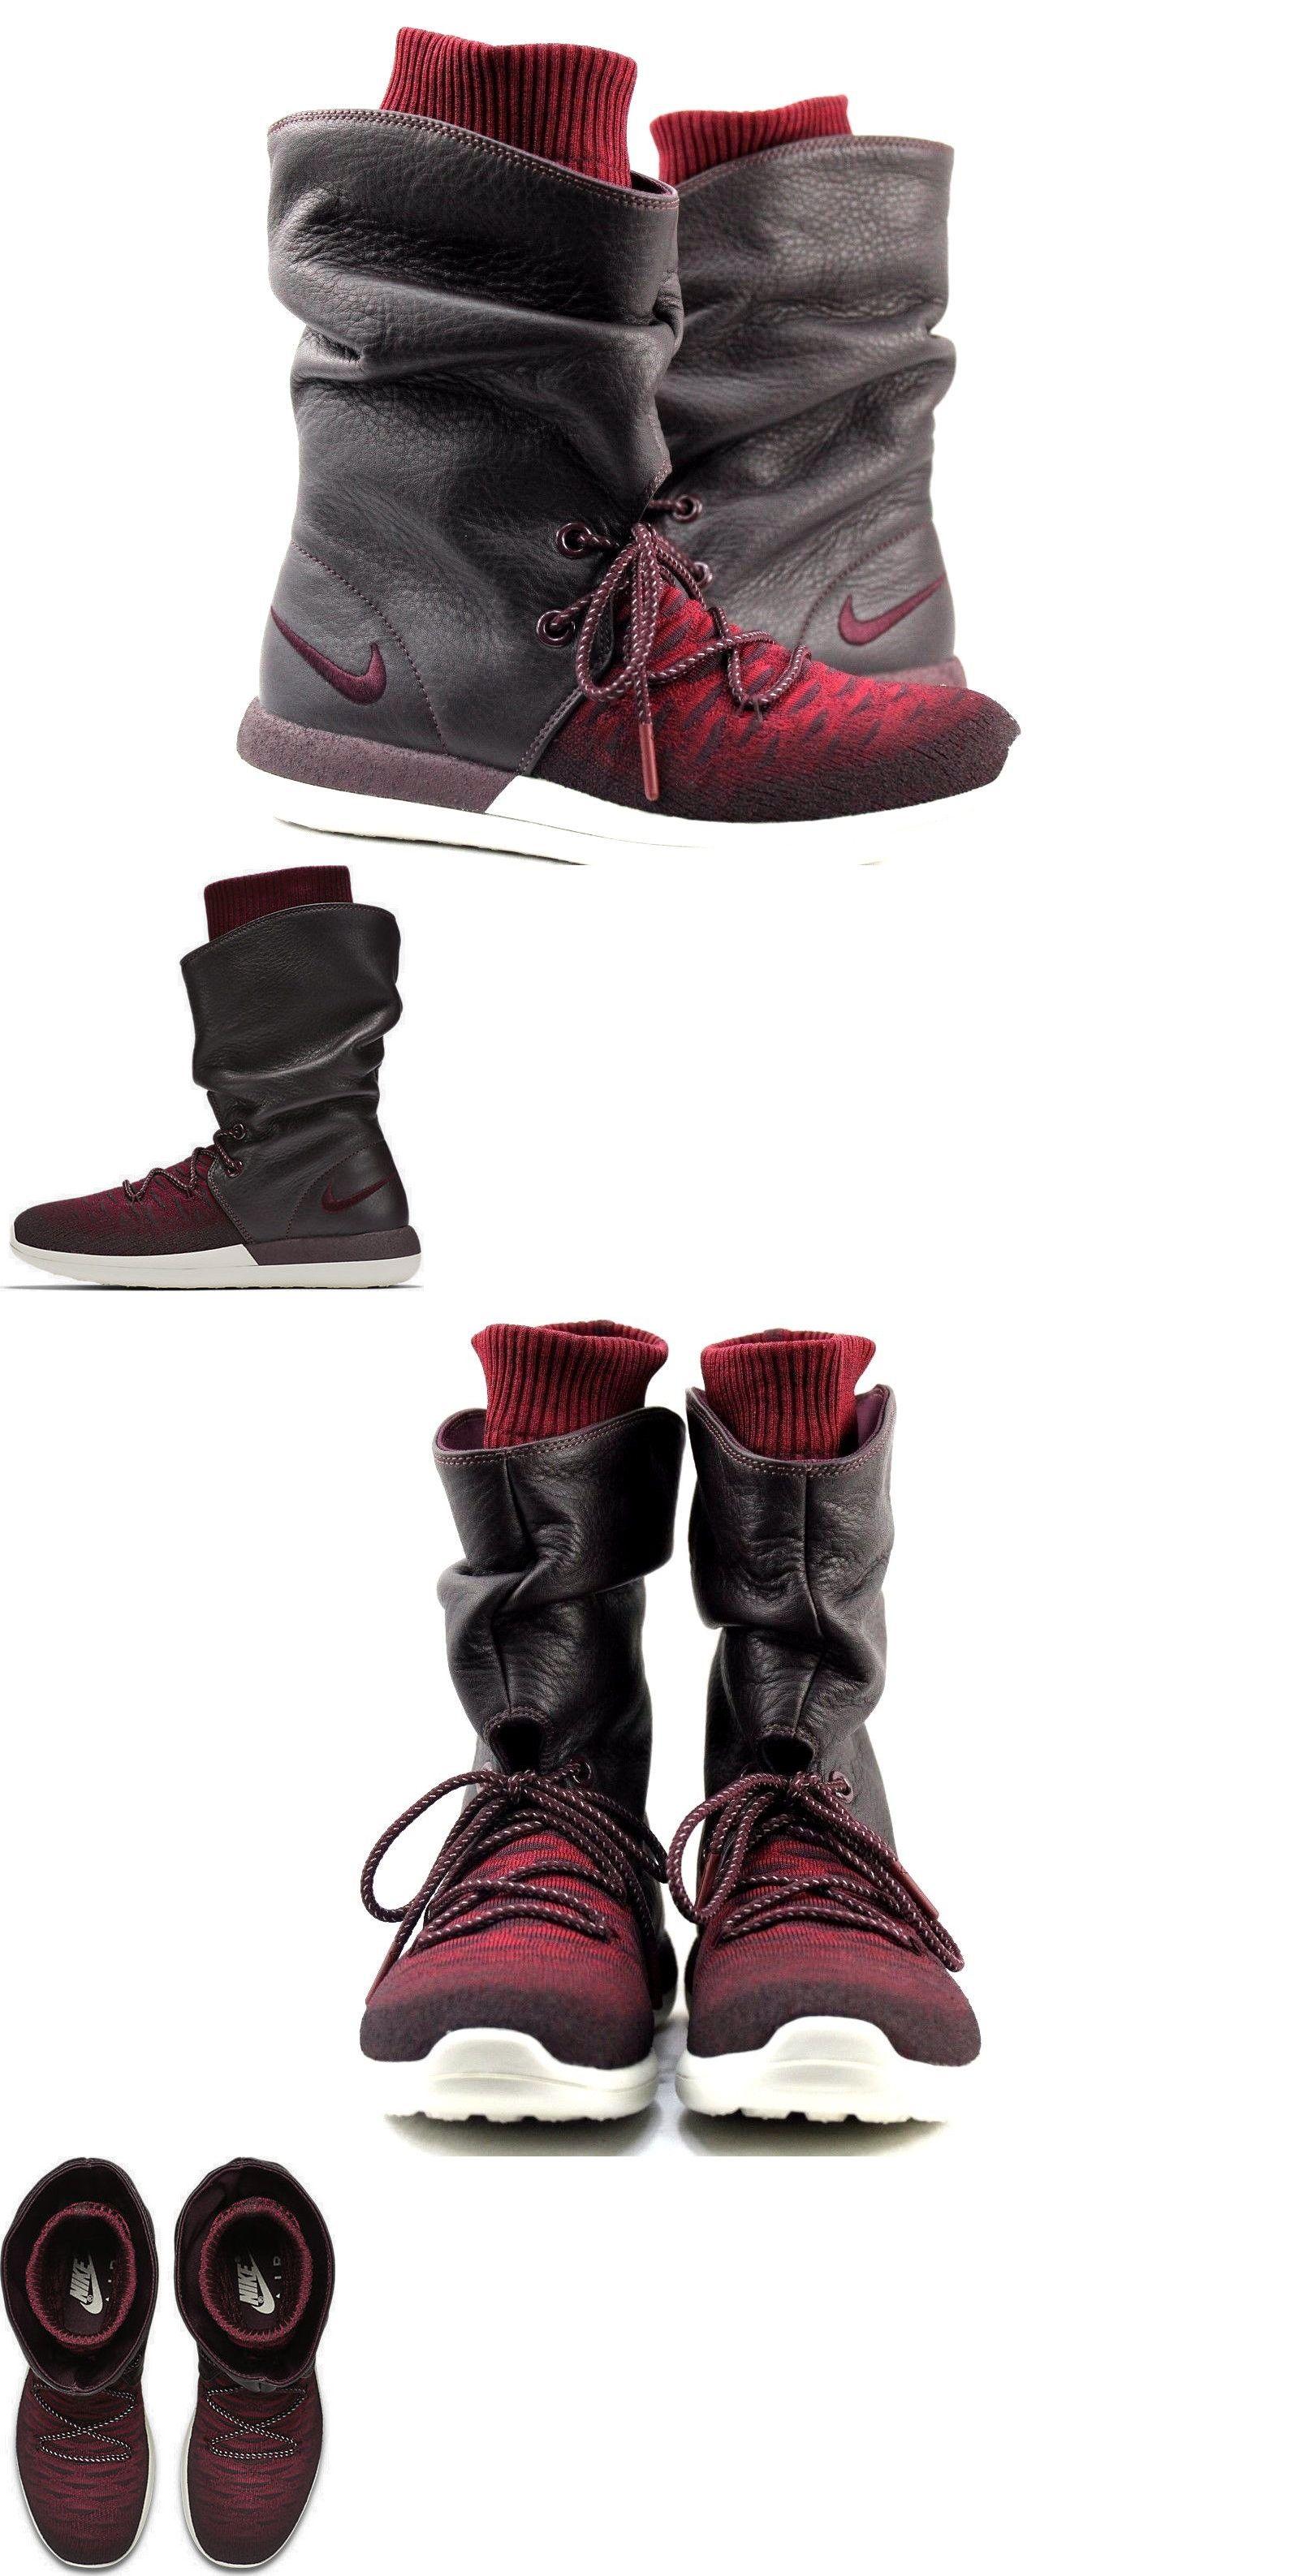 Nike Roshe Two Men's Shoe Black/Anthracite/White 844656 004 Kmart